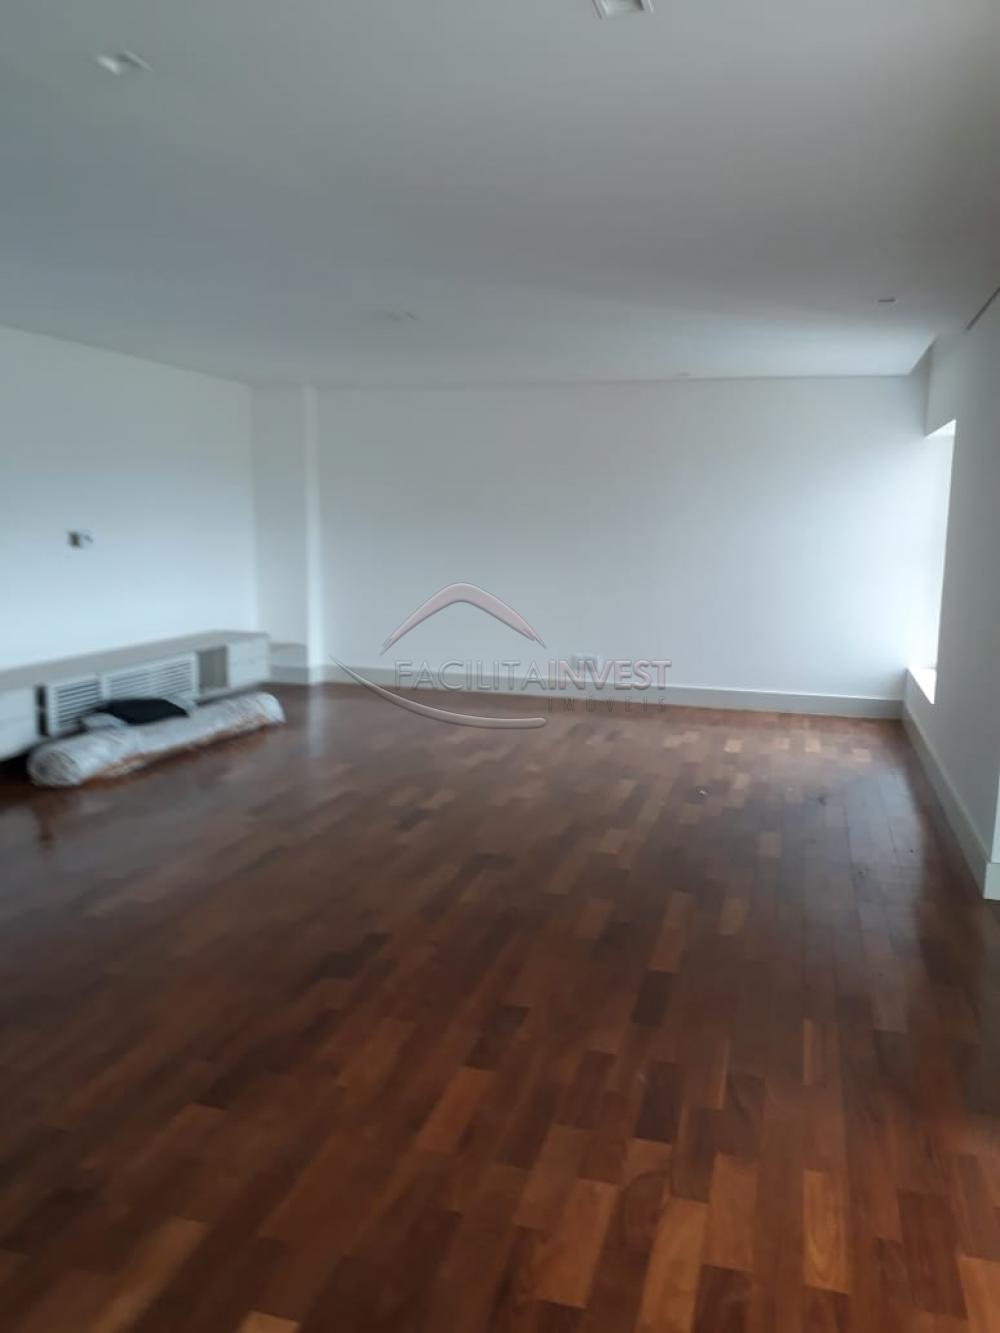 Alugar Apartamentos / Apart. Padrão em Ribeirão Preto apenas R$ 9.000,00 - Foto 5